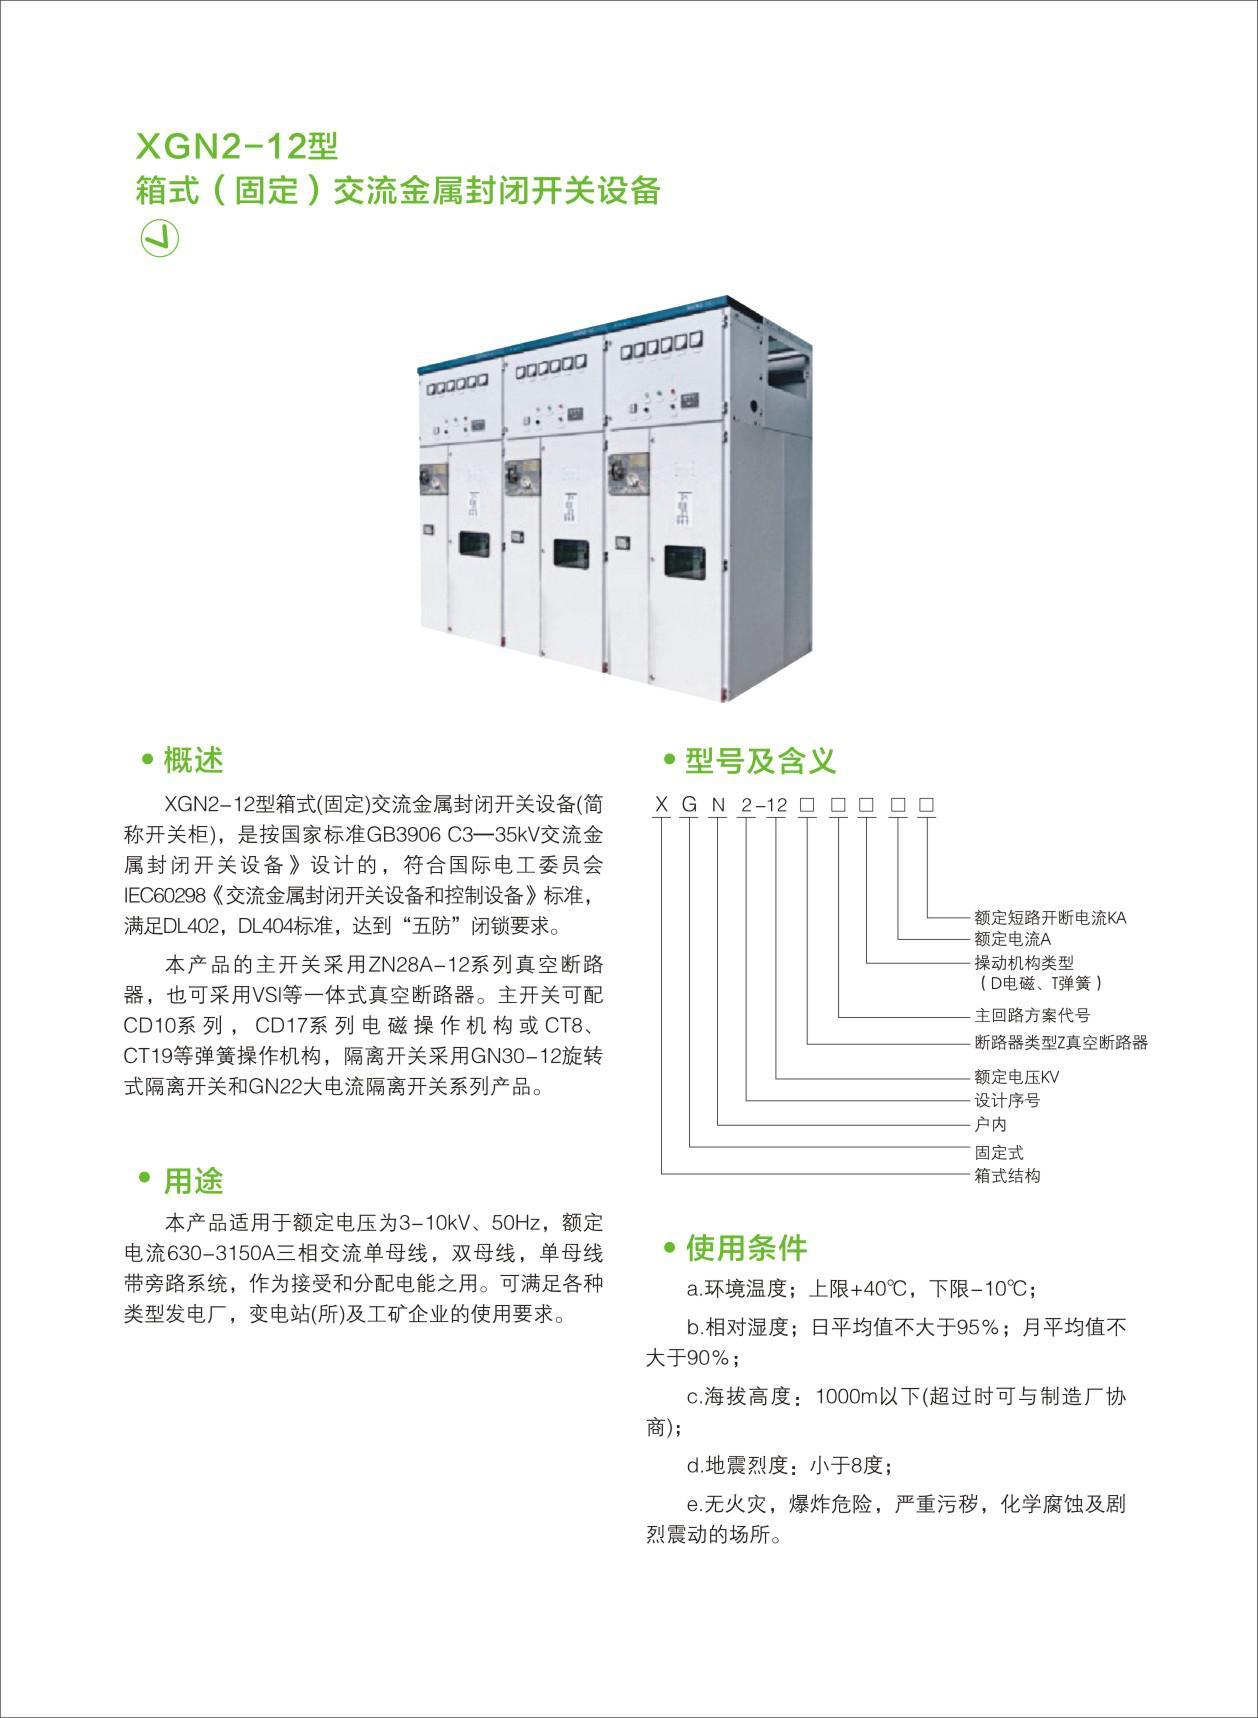 XGN2-12型箱式-流动交换金属关闭开关设备-图片1